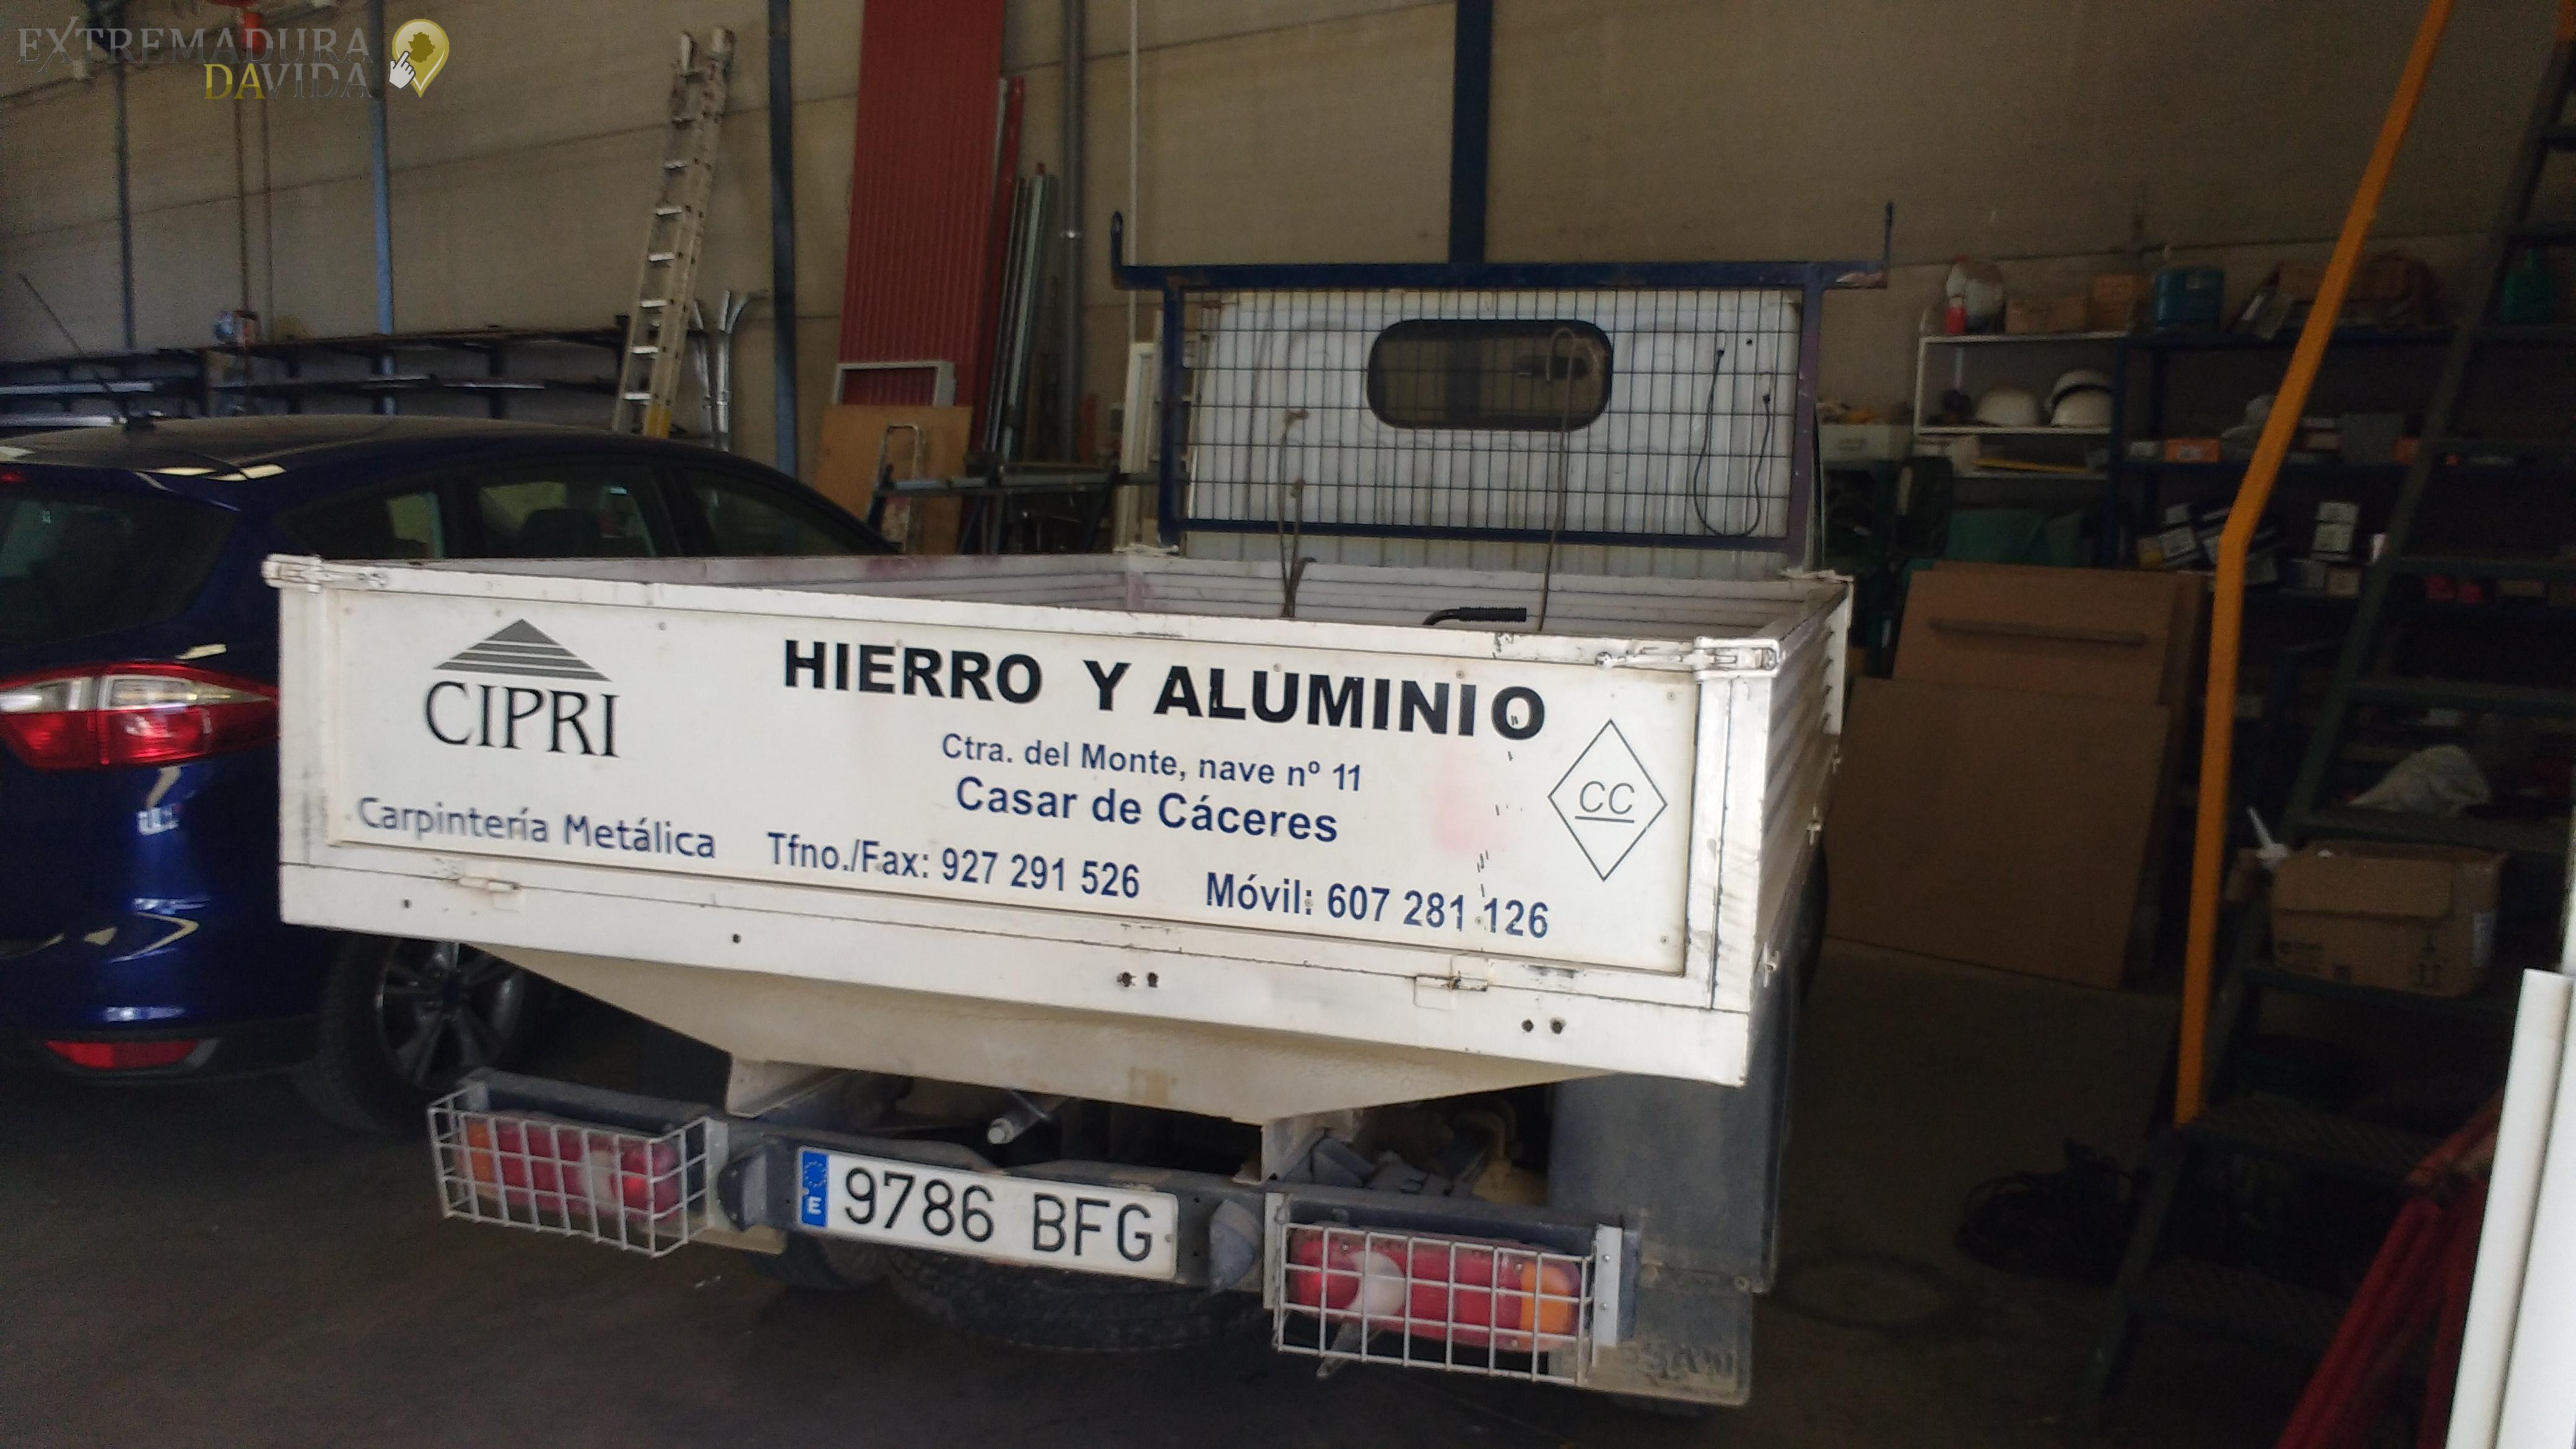 HIERROS ALUMINIOS CASAR DE CACERES CIPRI (6)